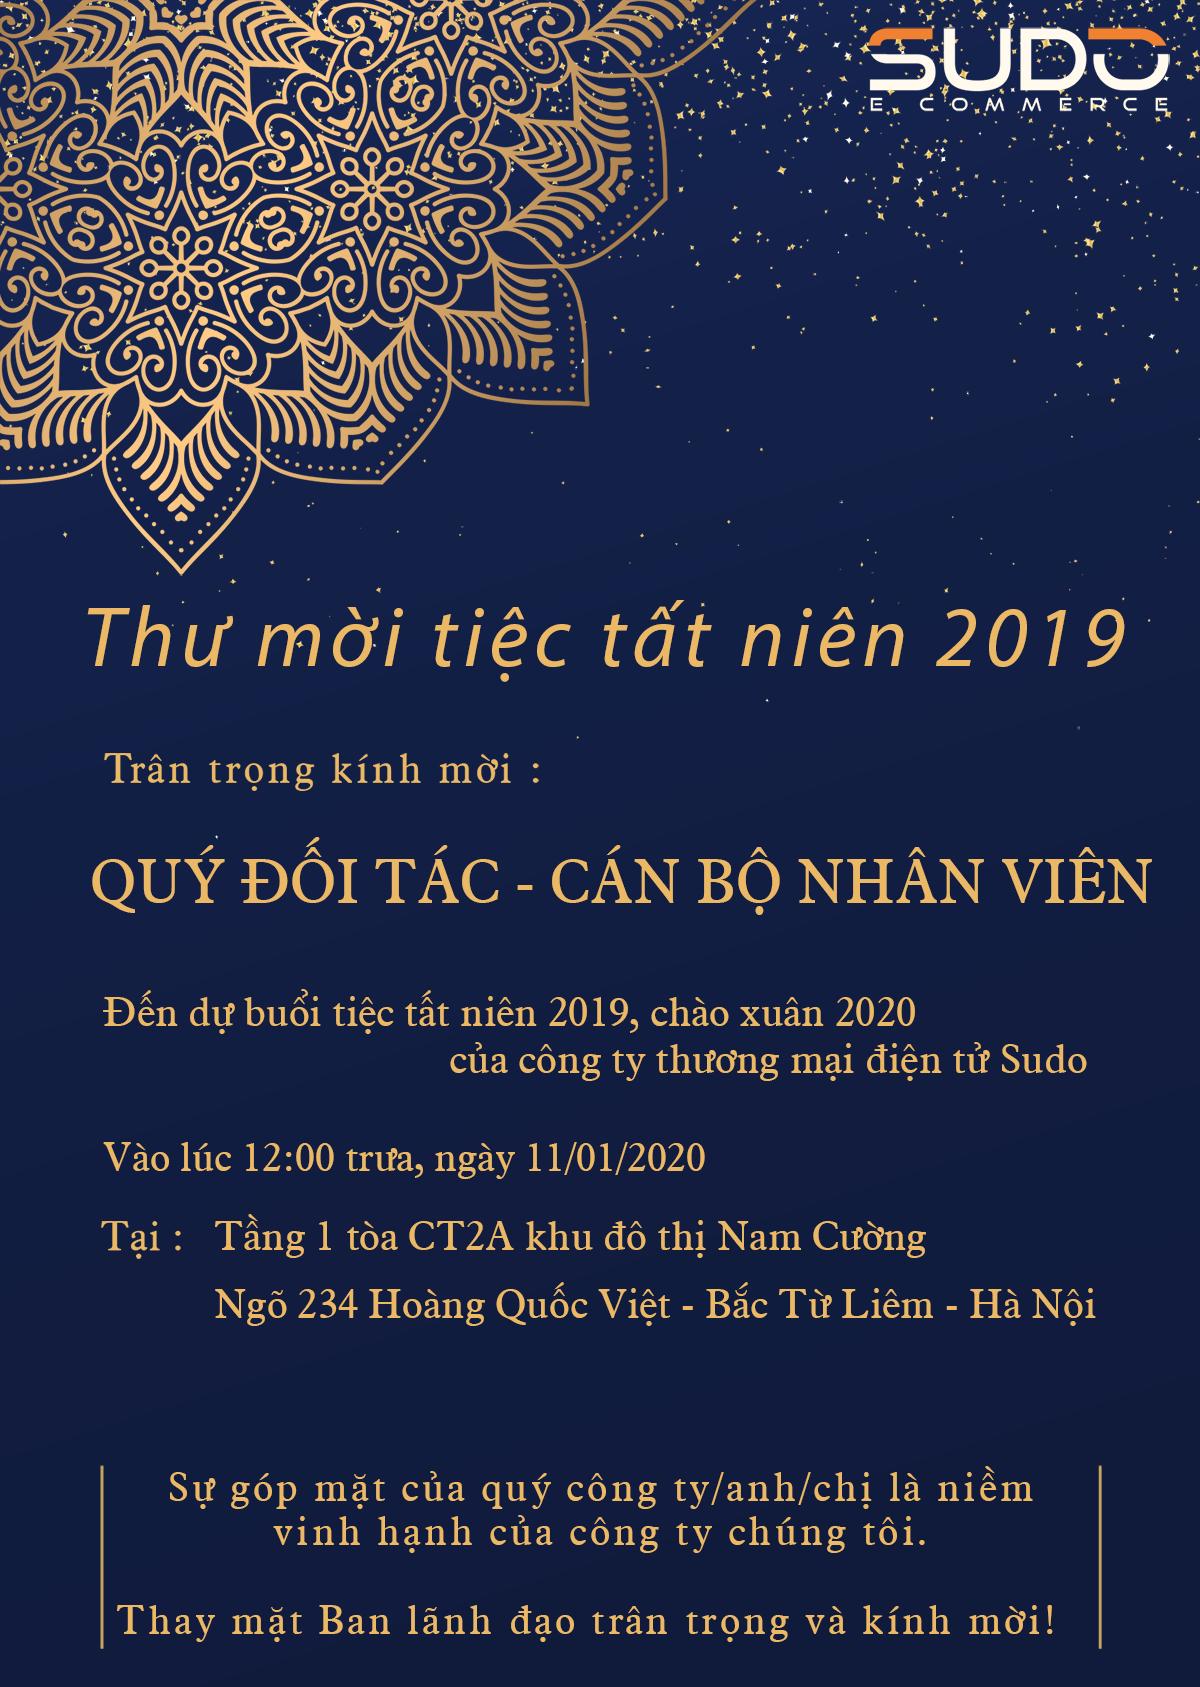 Thông báo: Tiệc tất niên chào xuân Canh Tý 2020